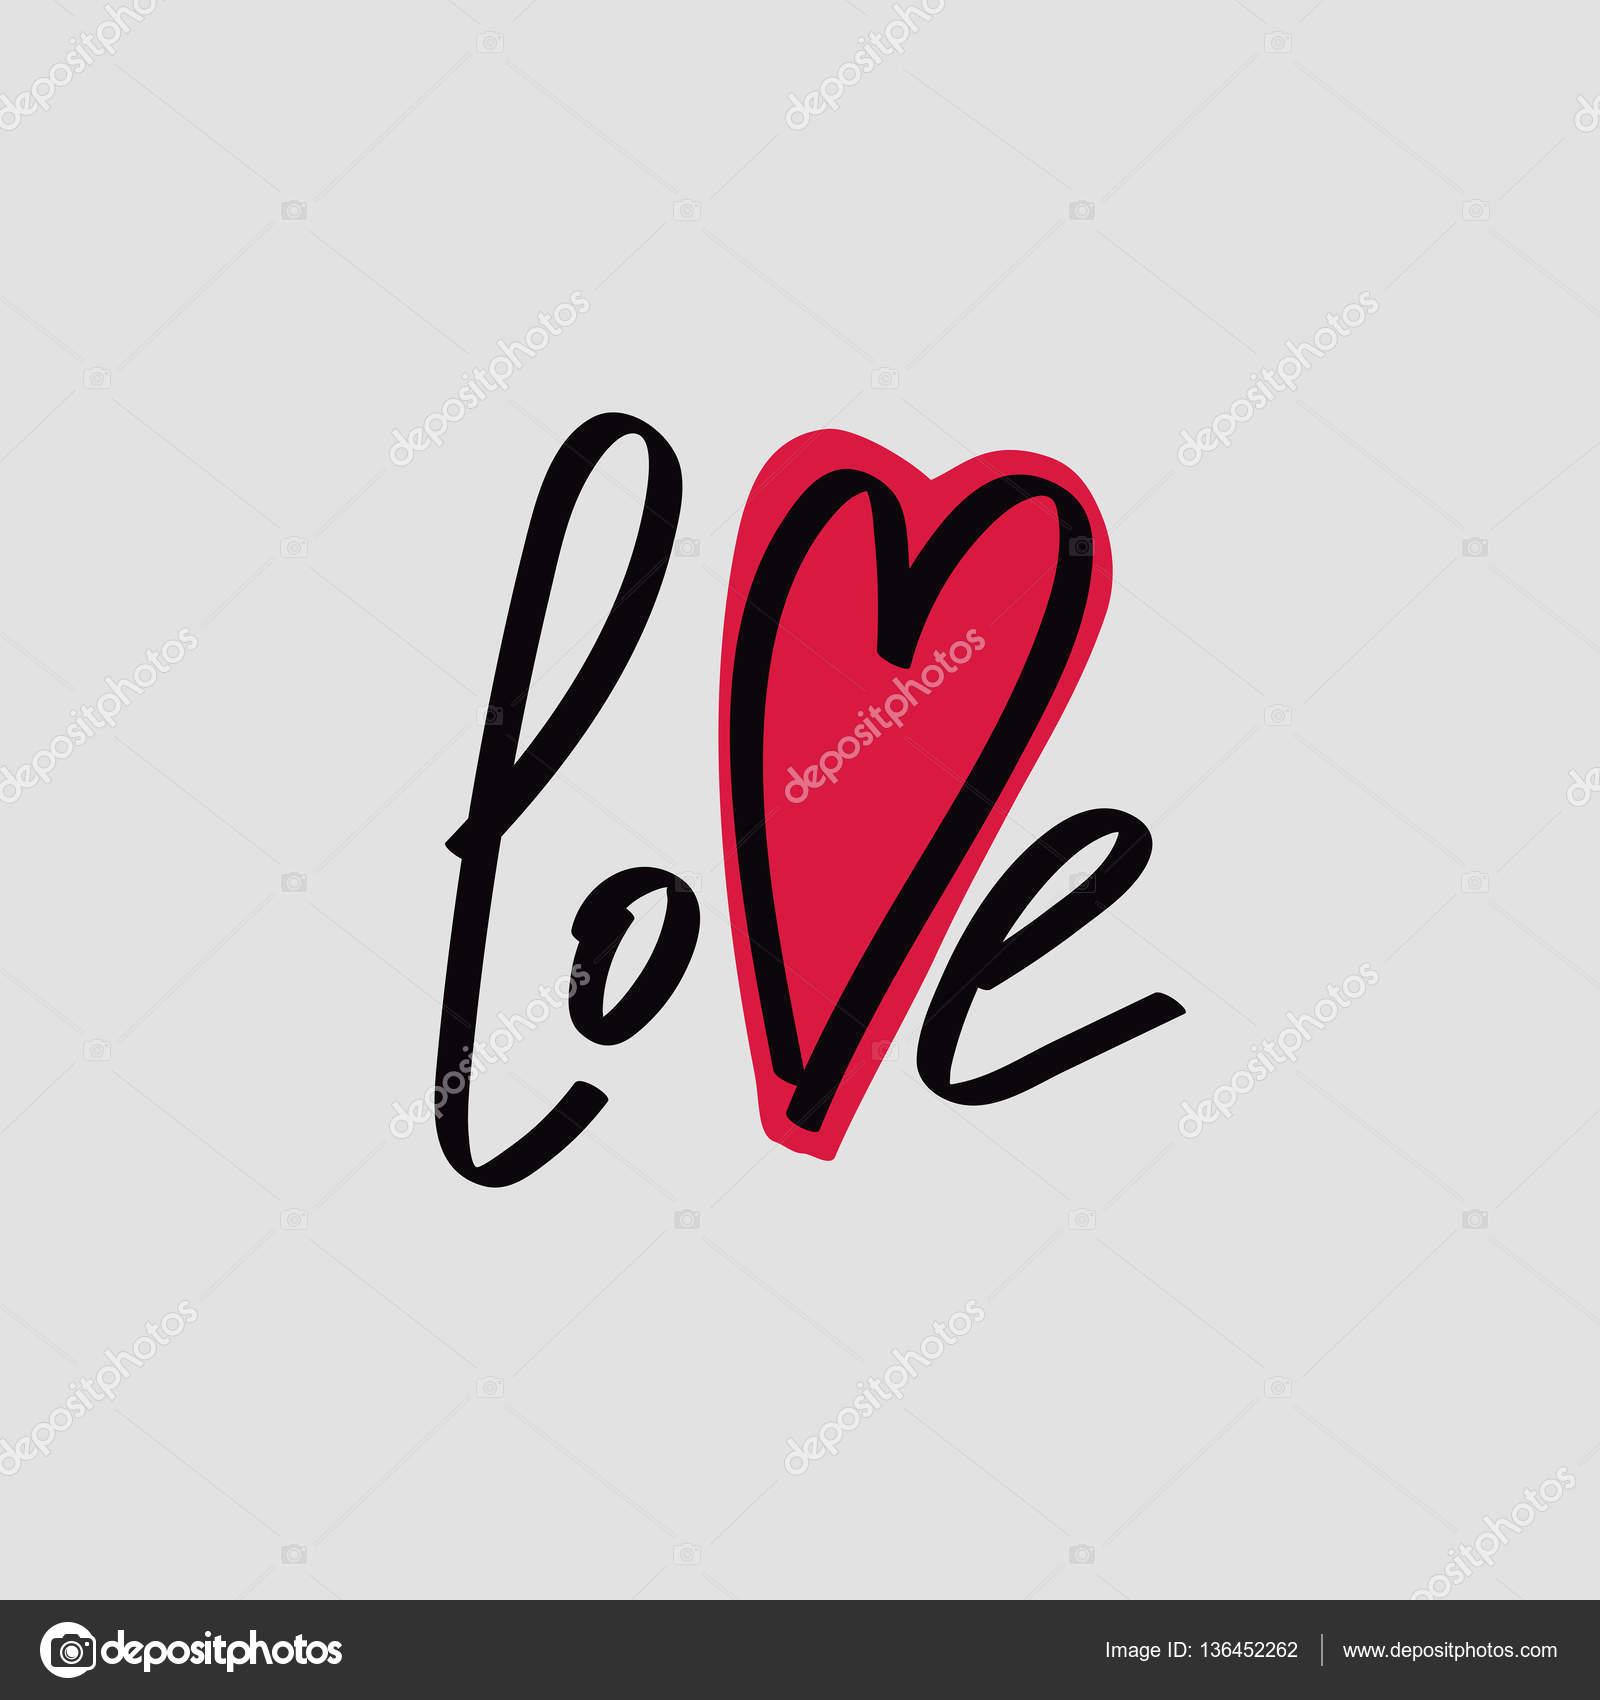 Belettering van i love you kalligrafische lettertype stockvector belettering kalligrafische lettertype i love you hand tekenen individuele lettertype verklaring van de liefde lichte achtergrond grote rode hart voltagebd Choice Image